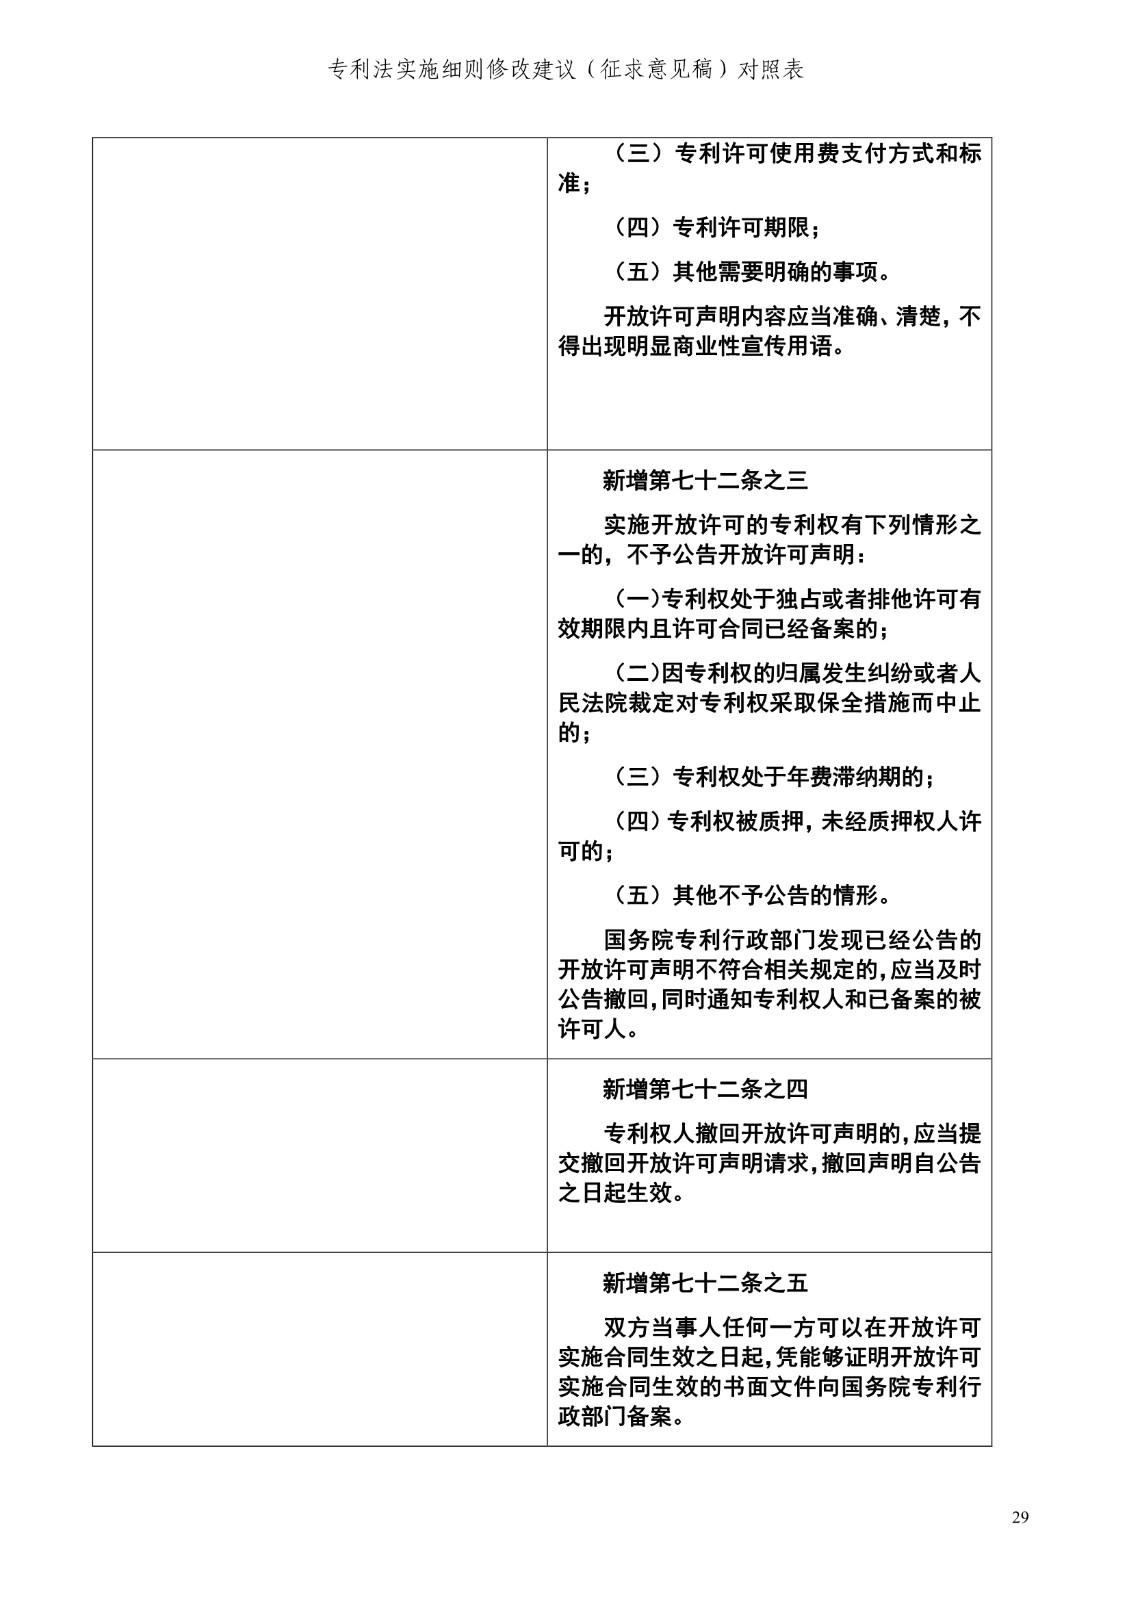 《专利法实施细则修改建议(征求意见稿)》全文!